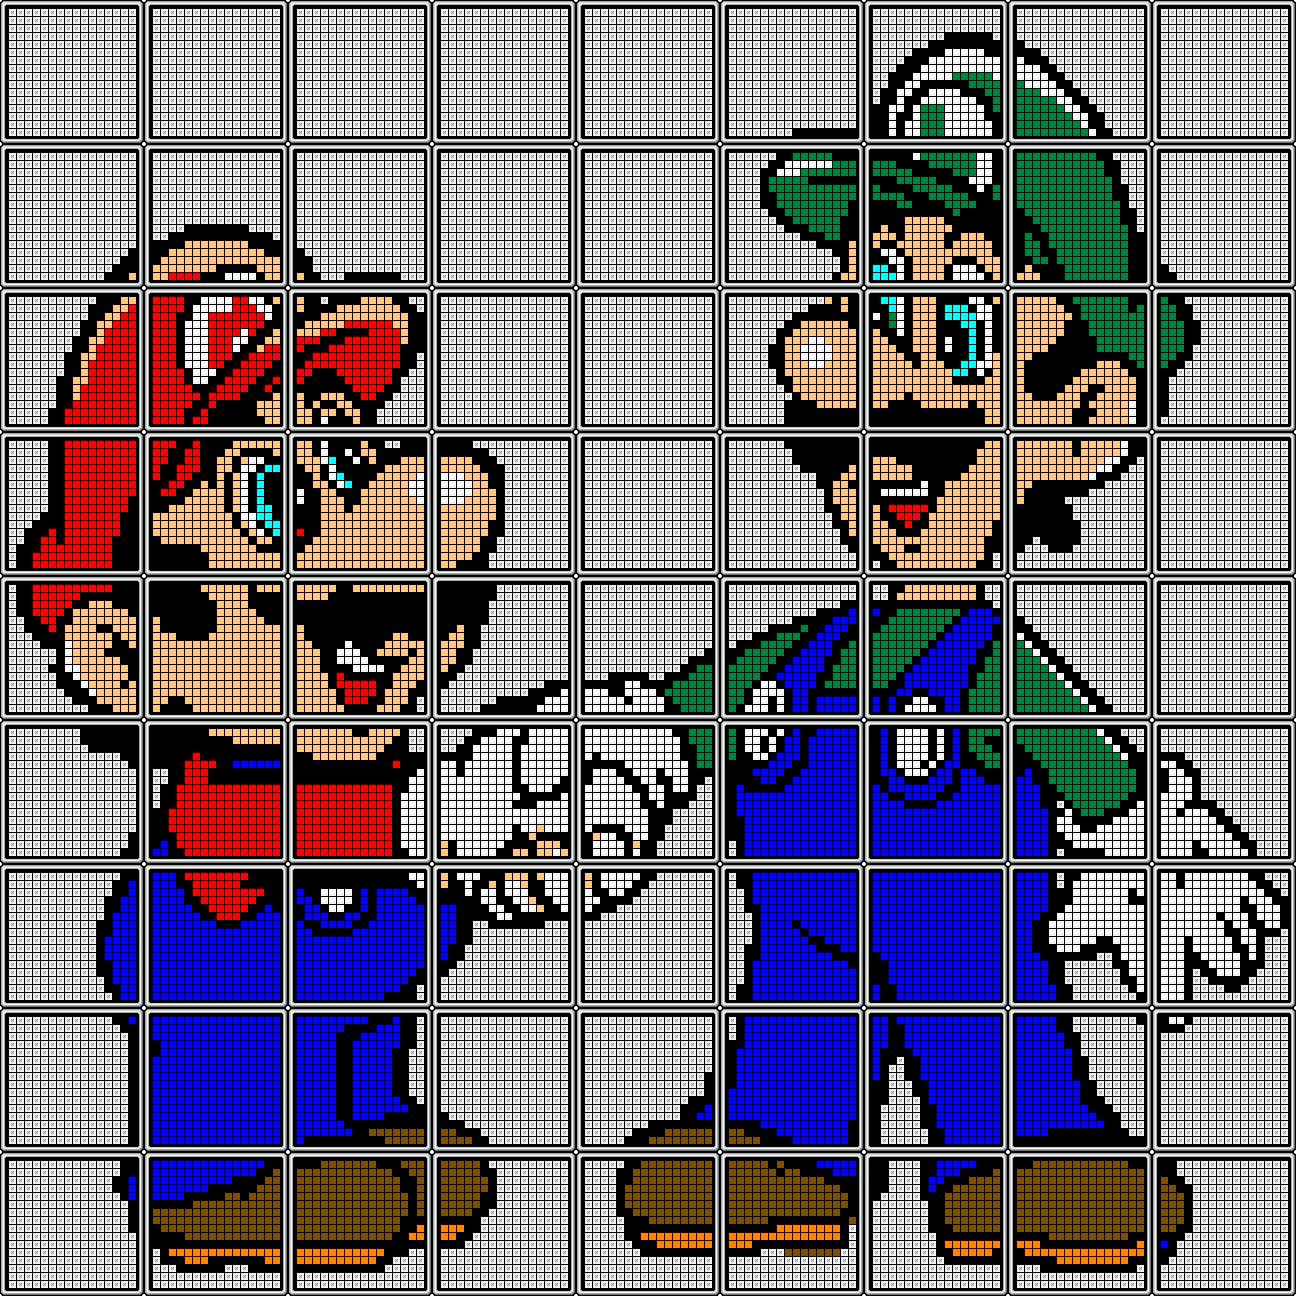 Game boy color super mario bros deluxe - Super Mario Bros Deluxe Goomba Mario And Luigi Shaking Hands